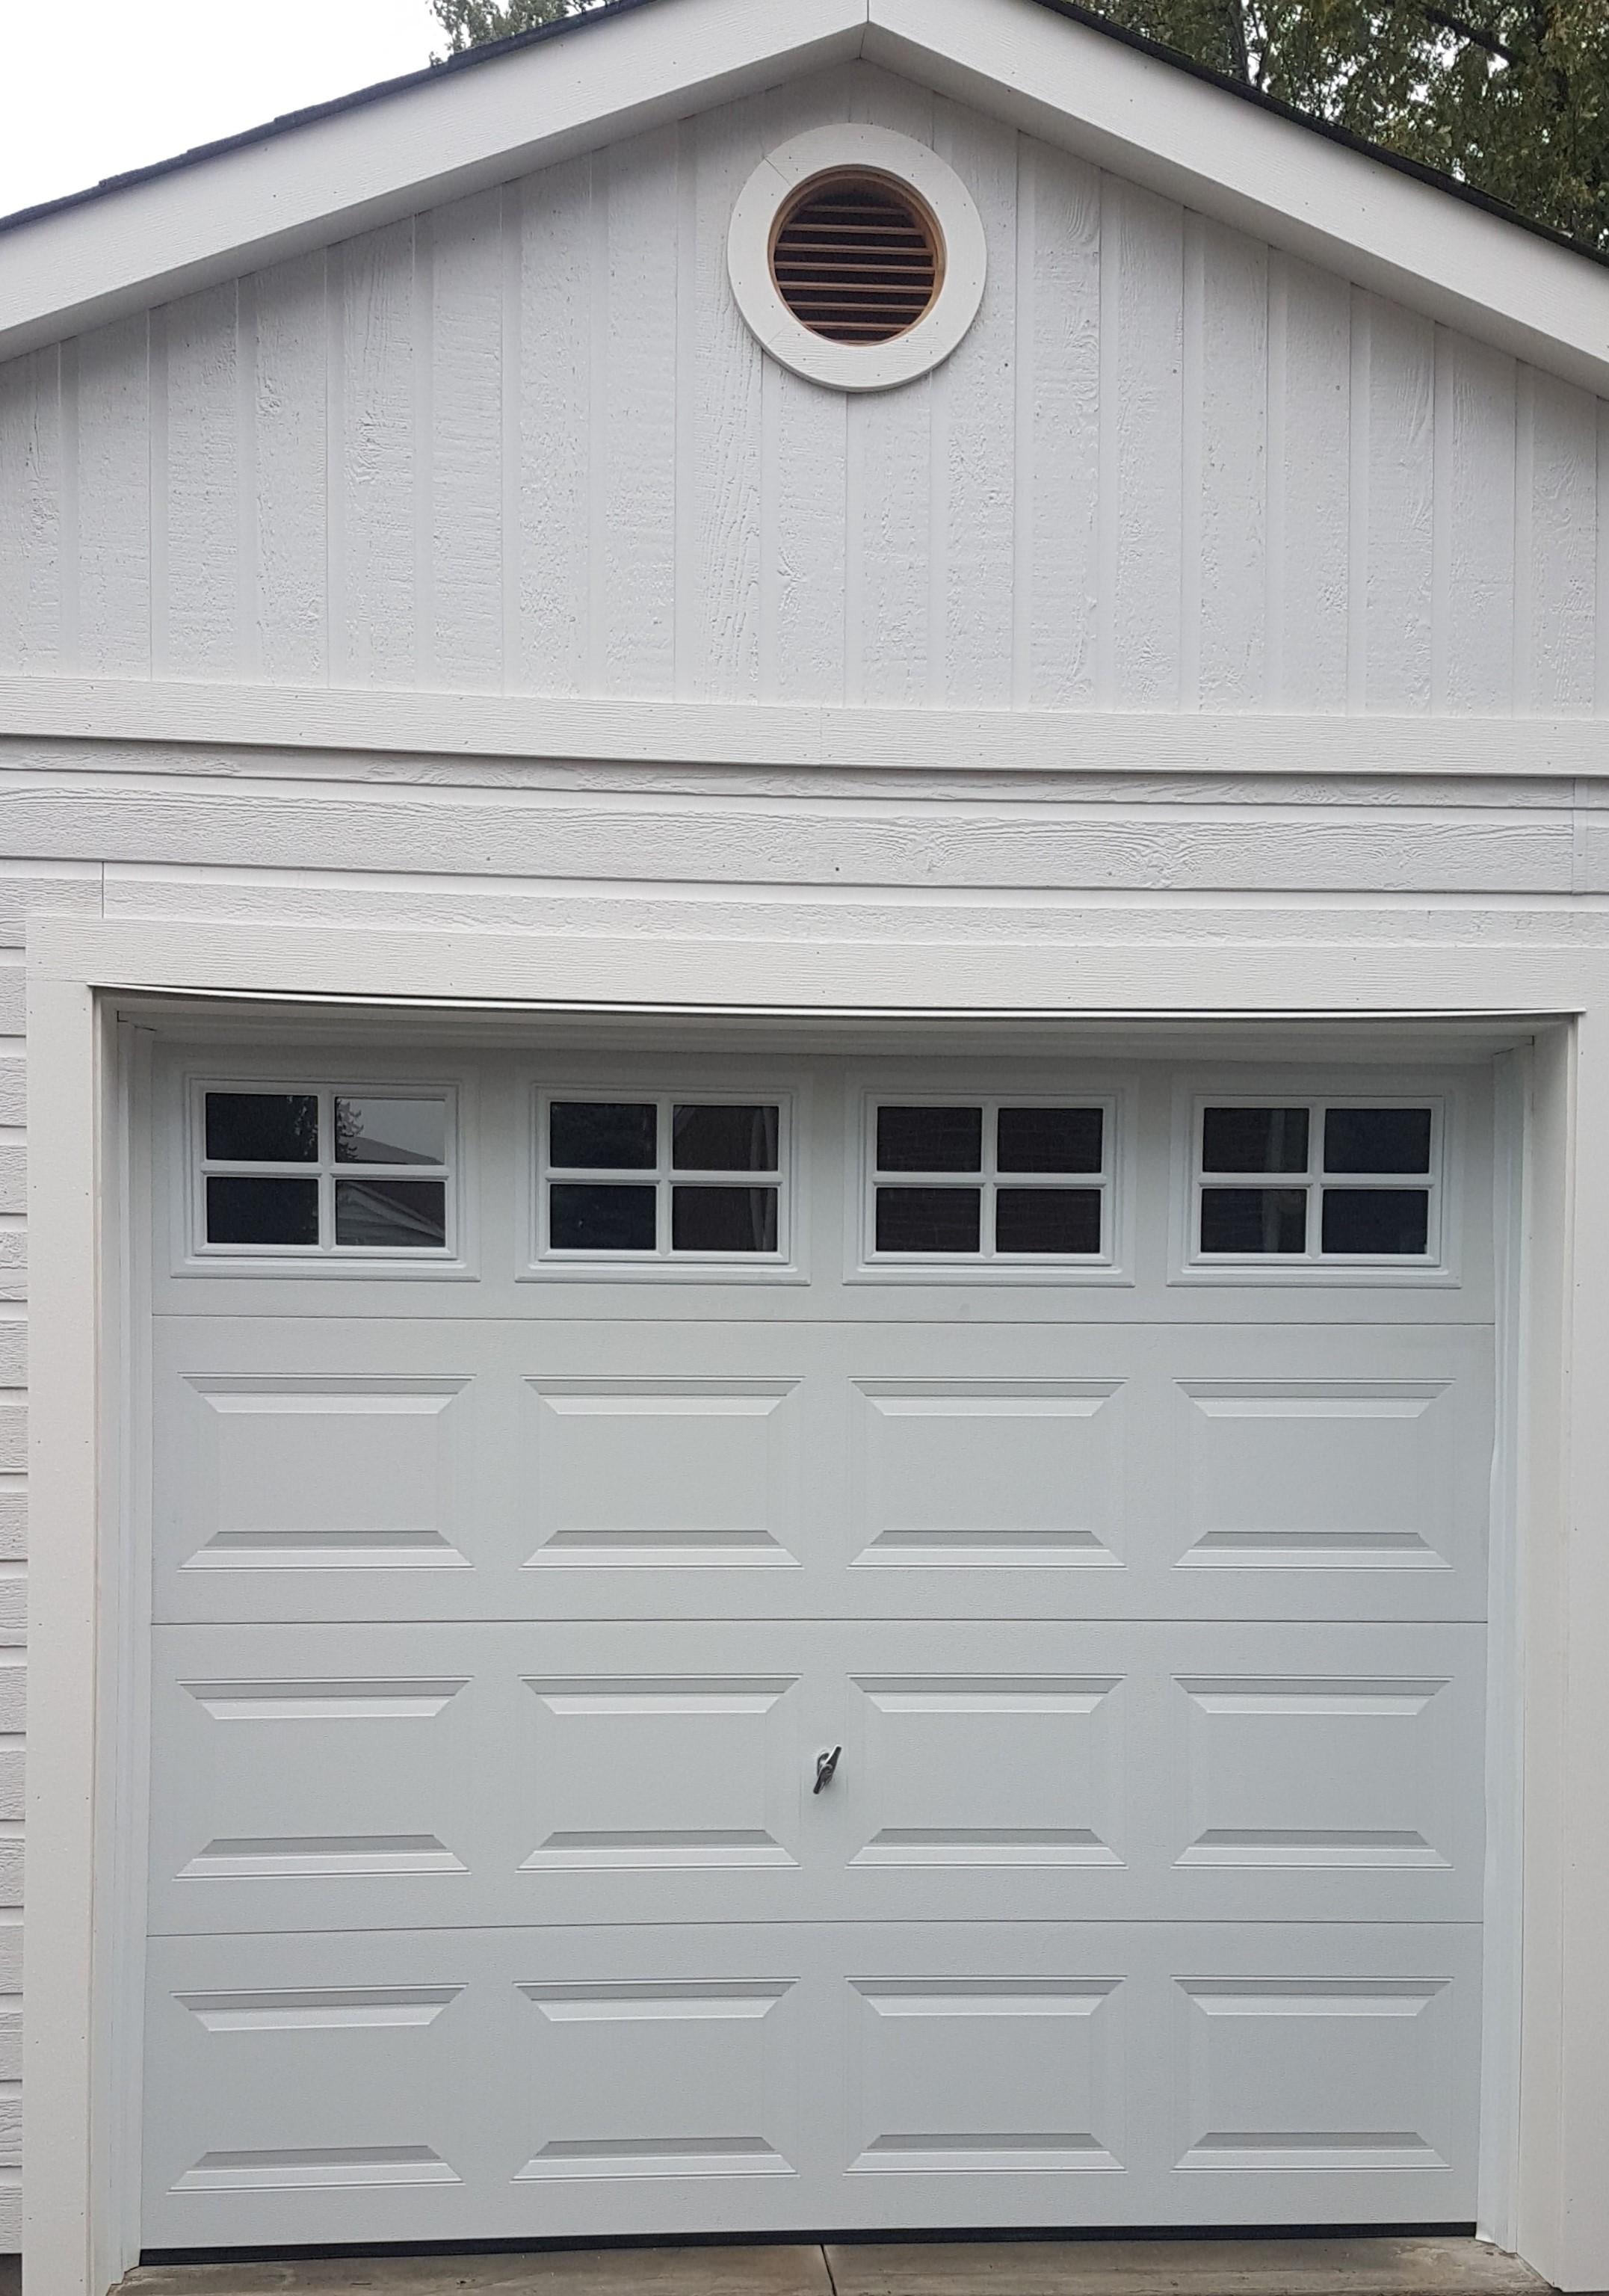 GD2200 S   Steel Insulated Garage Door With Stockton Window